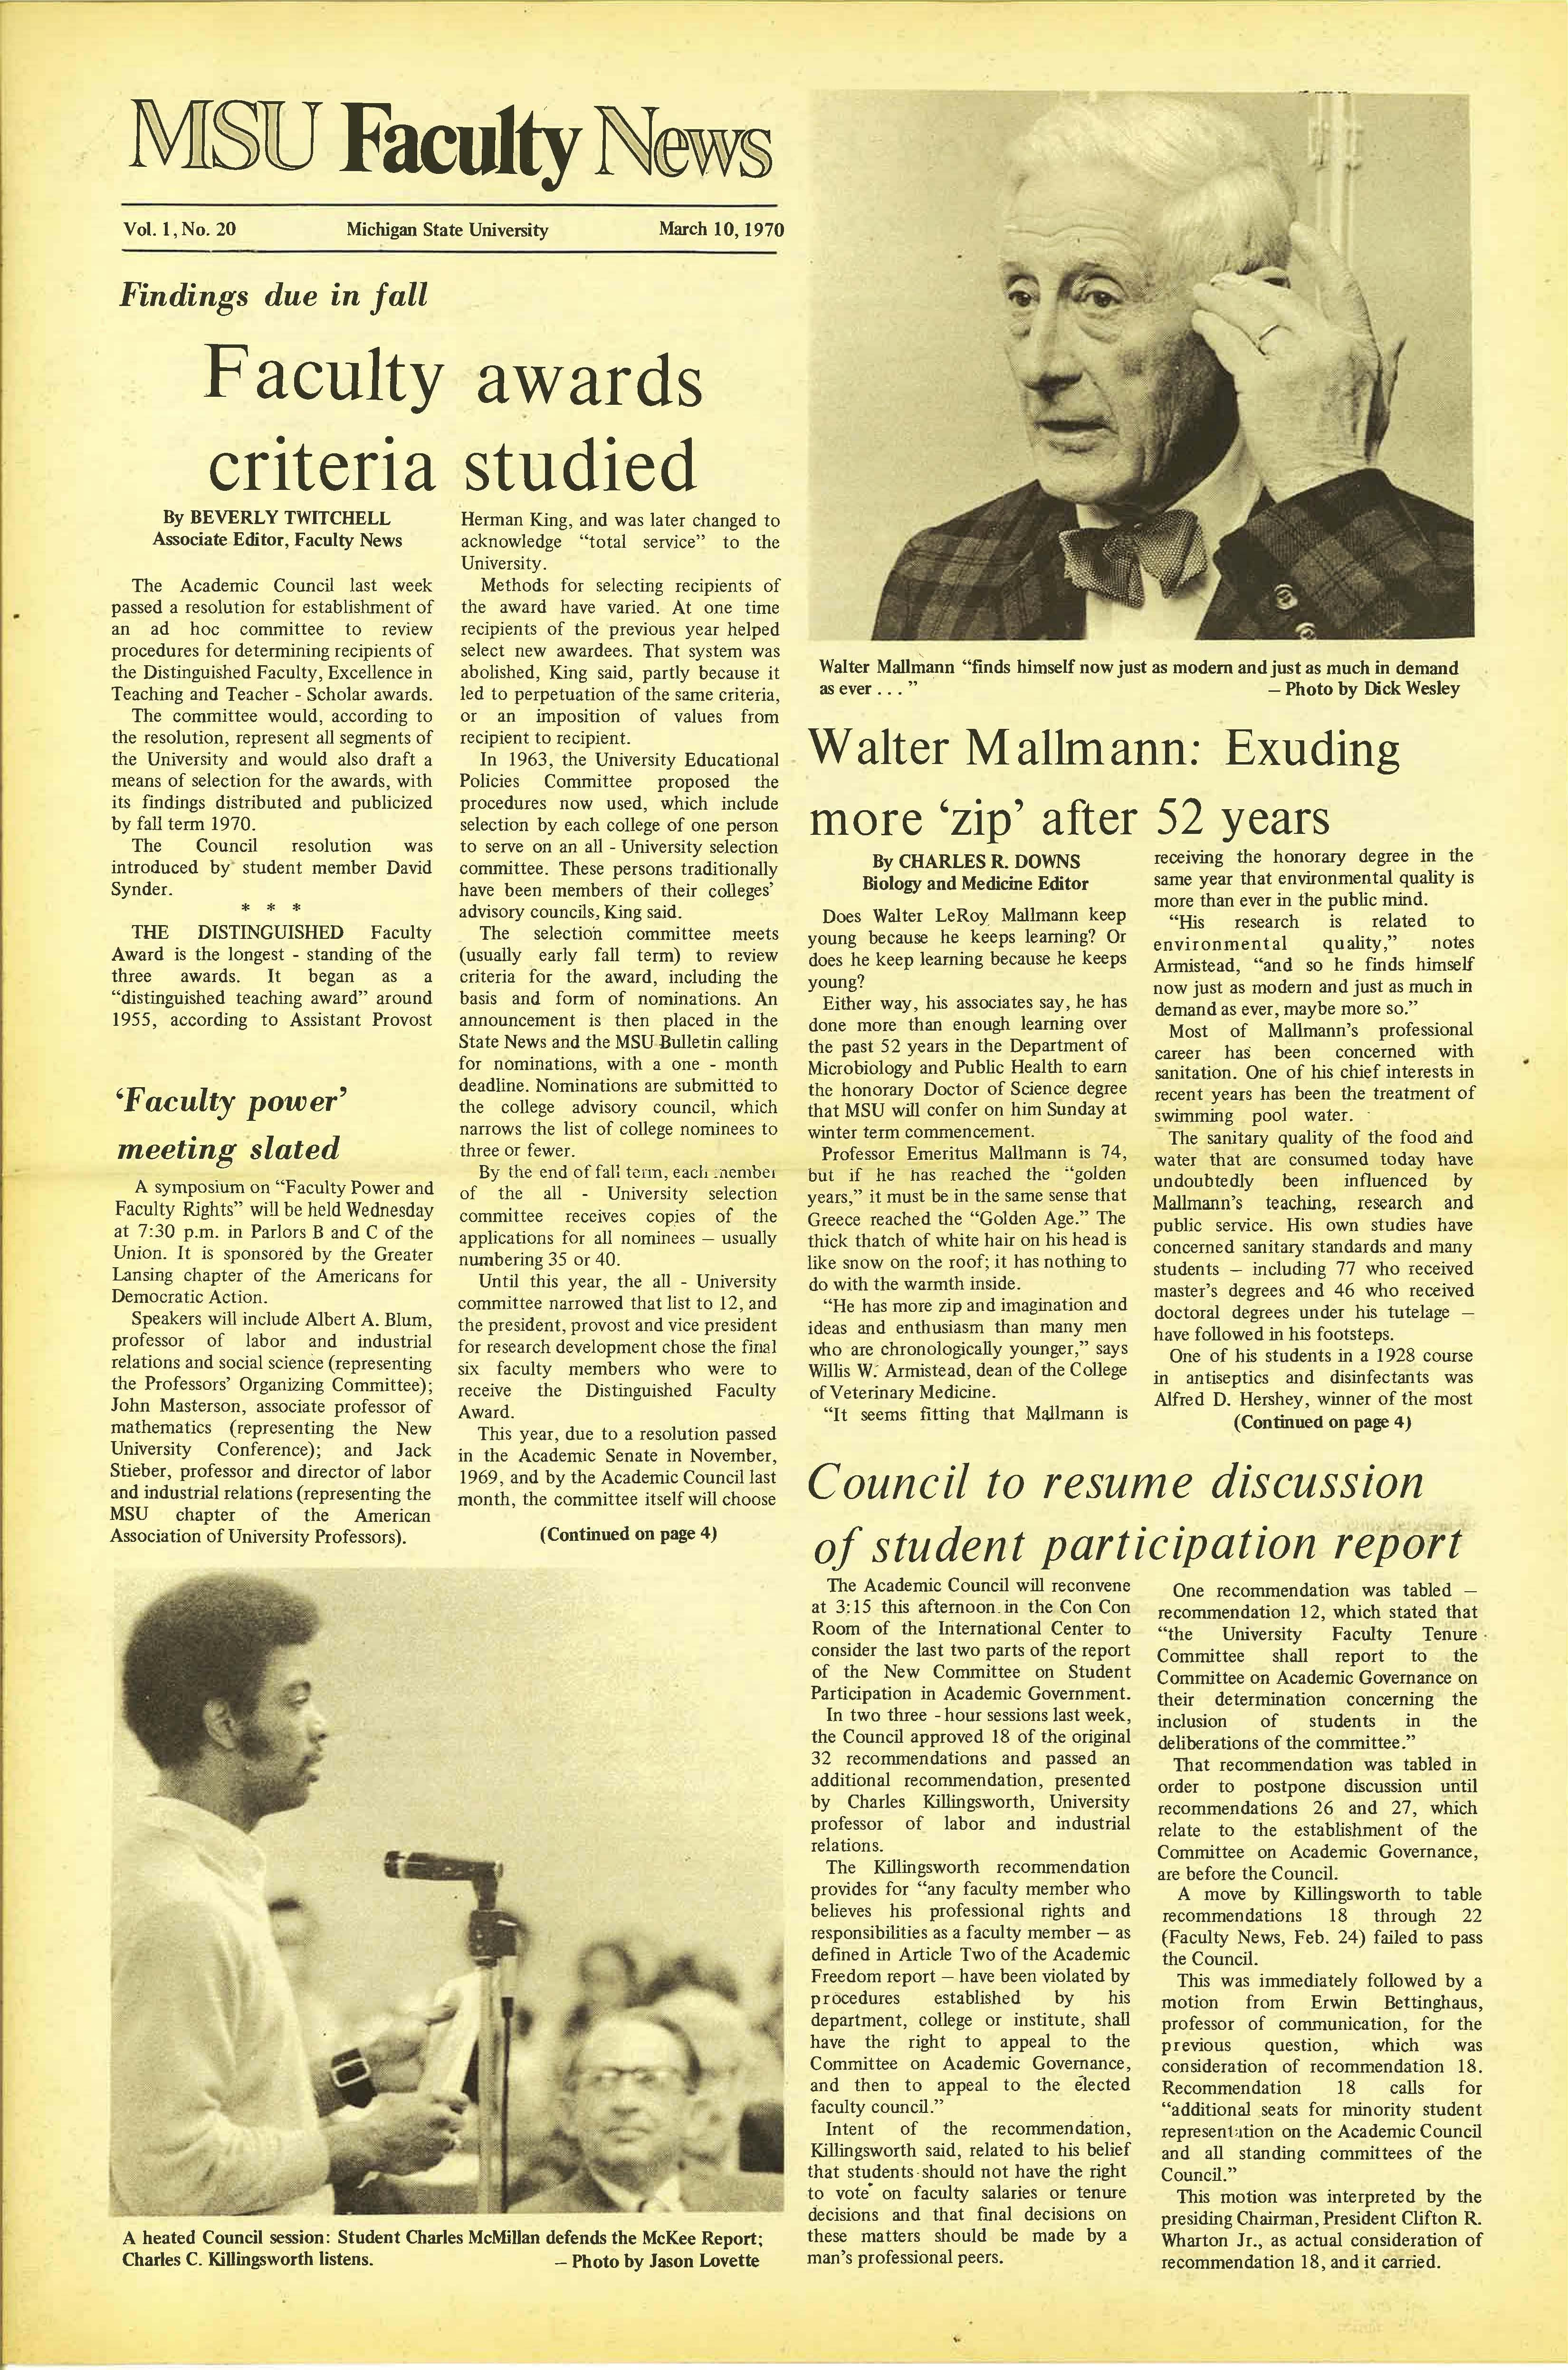 MSU News Bulletin, Vol. 1, No. 22, April 7, 1970